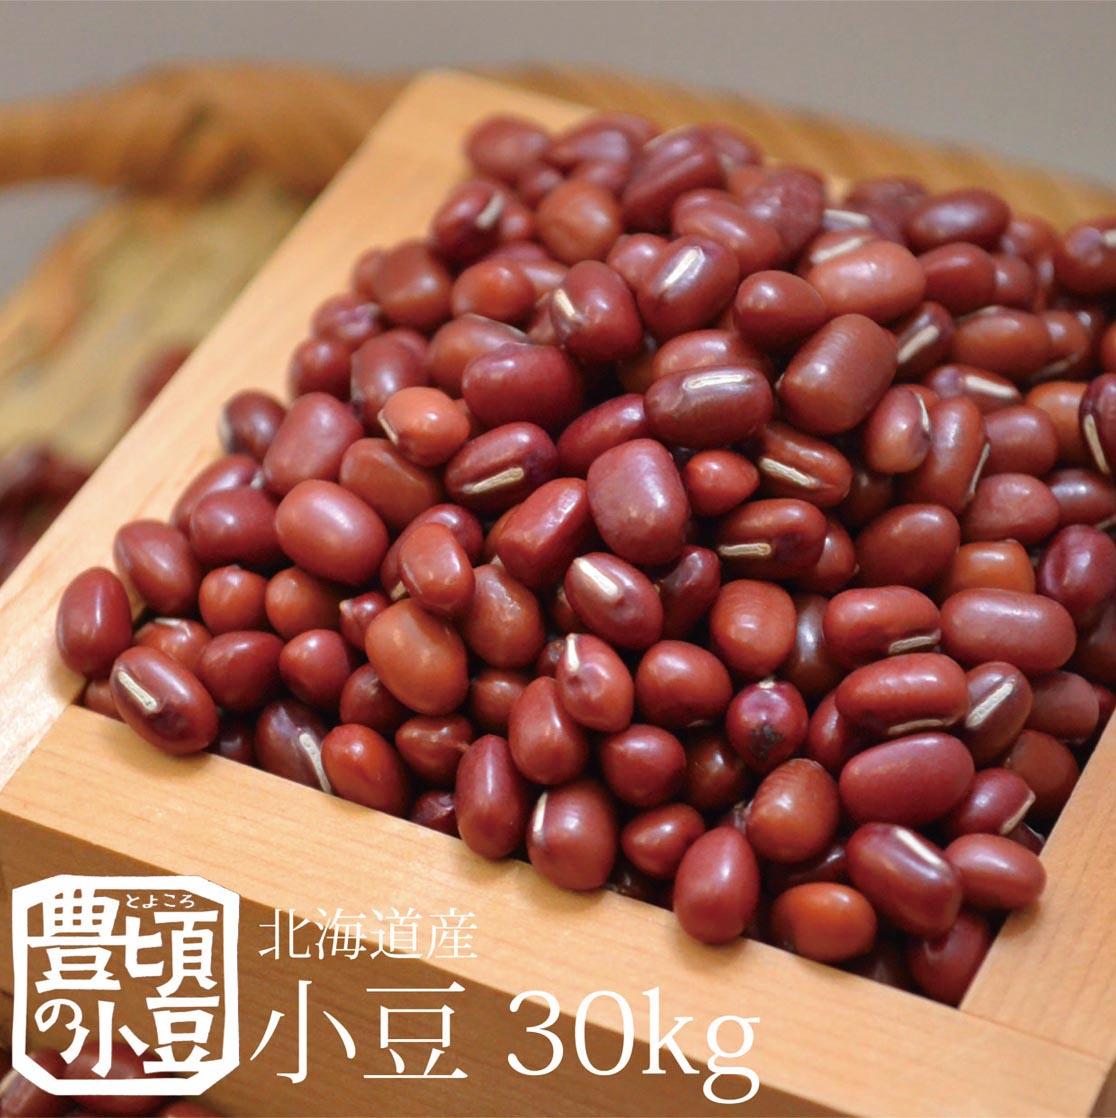 新物できました! 小豆 北海道 十勝 豊頃町産 小豆 30kg(えりも小豆) 業務用 R1年産  【数量限定】※3月中発送に限ります。